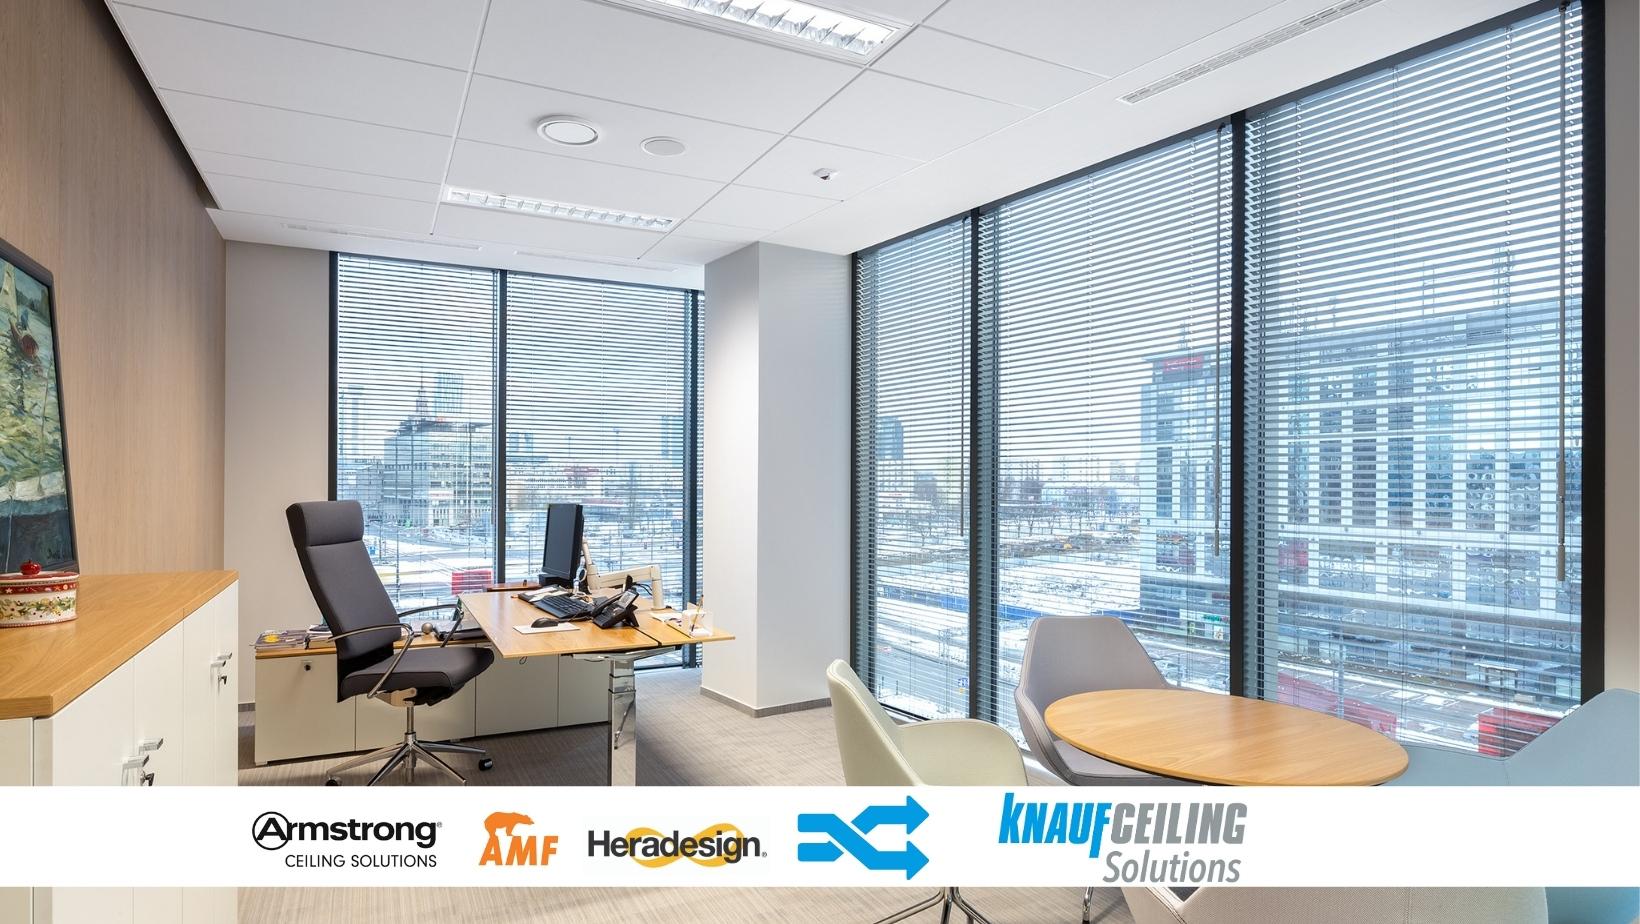 sufity-armstrong-amf-oraz-heradesign-teraz-razem-szukajcie-ich-pod-marka-knauf-ceiling-solutions